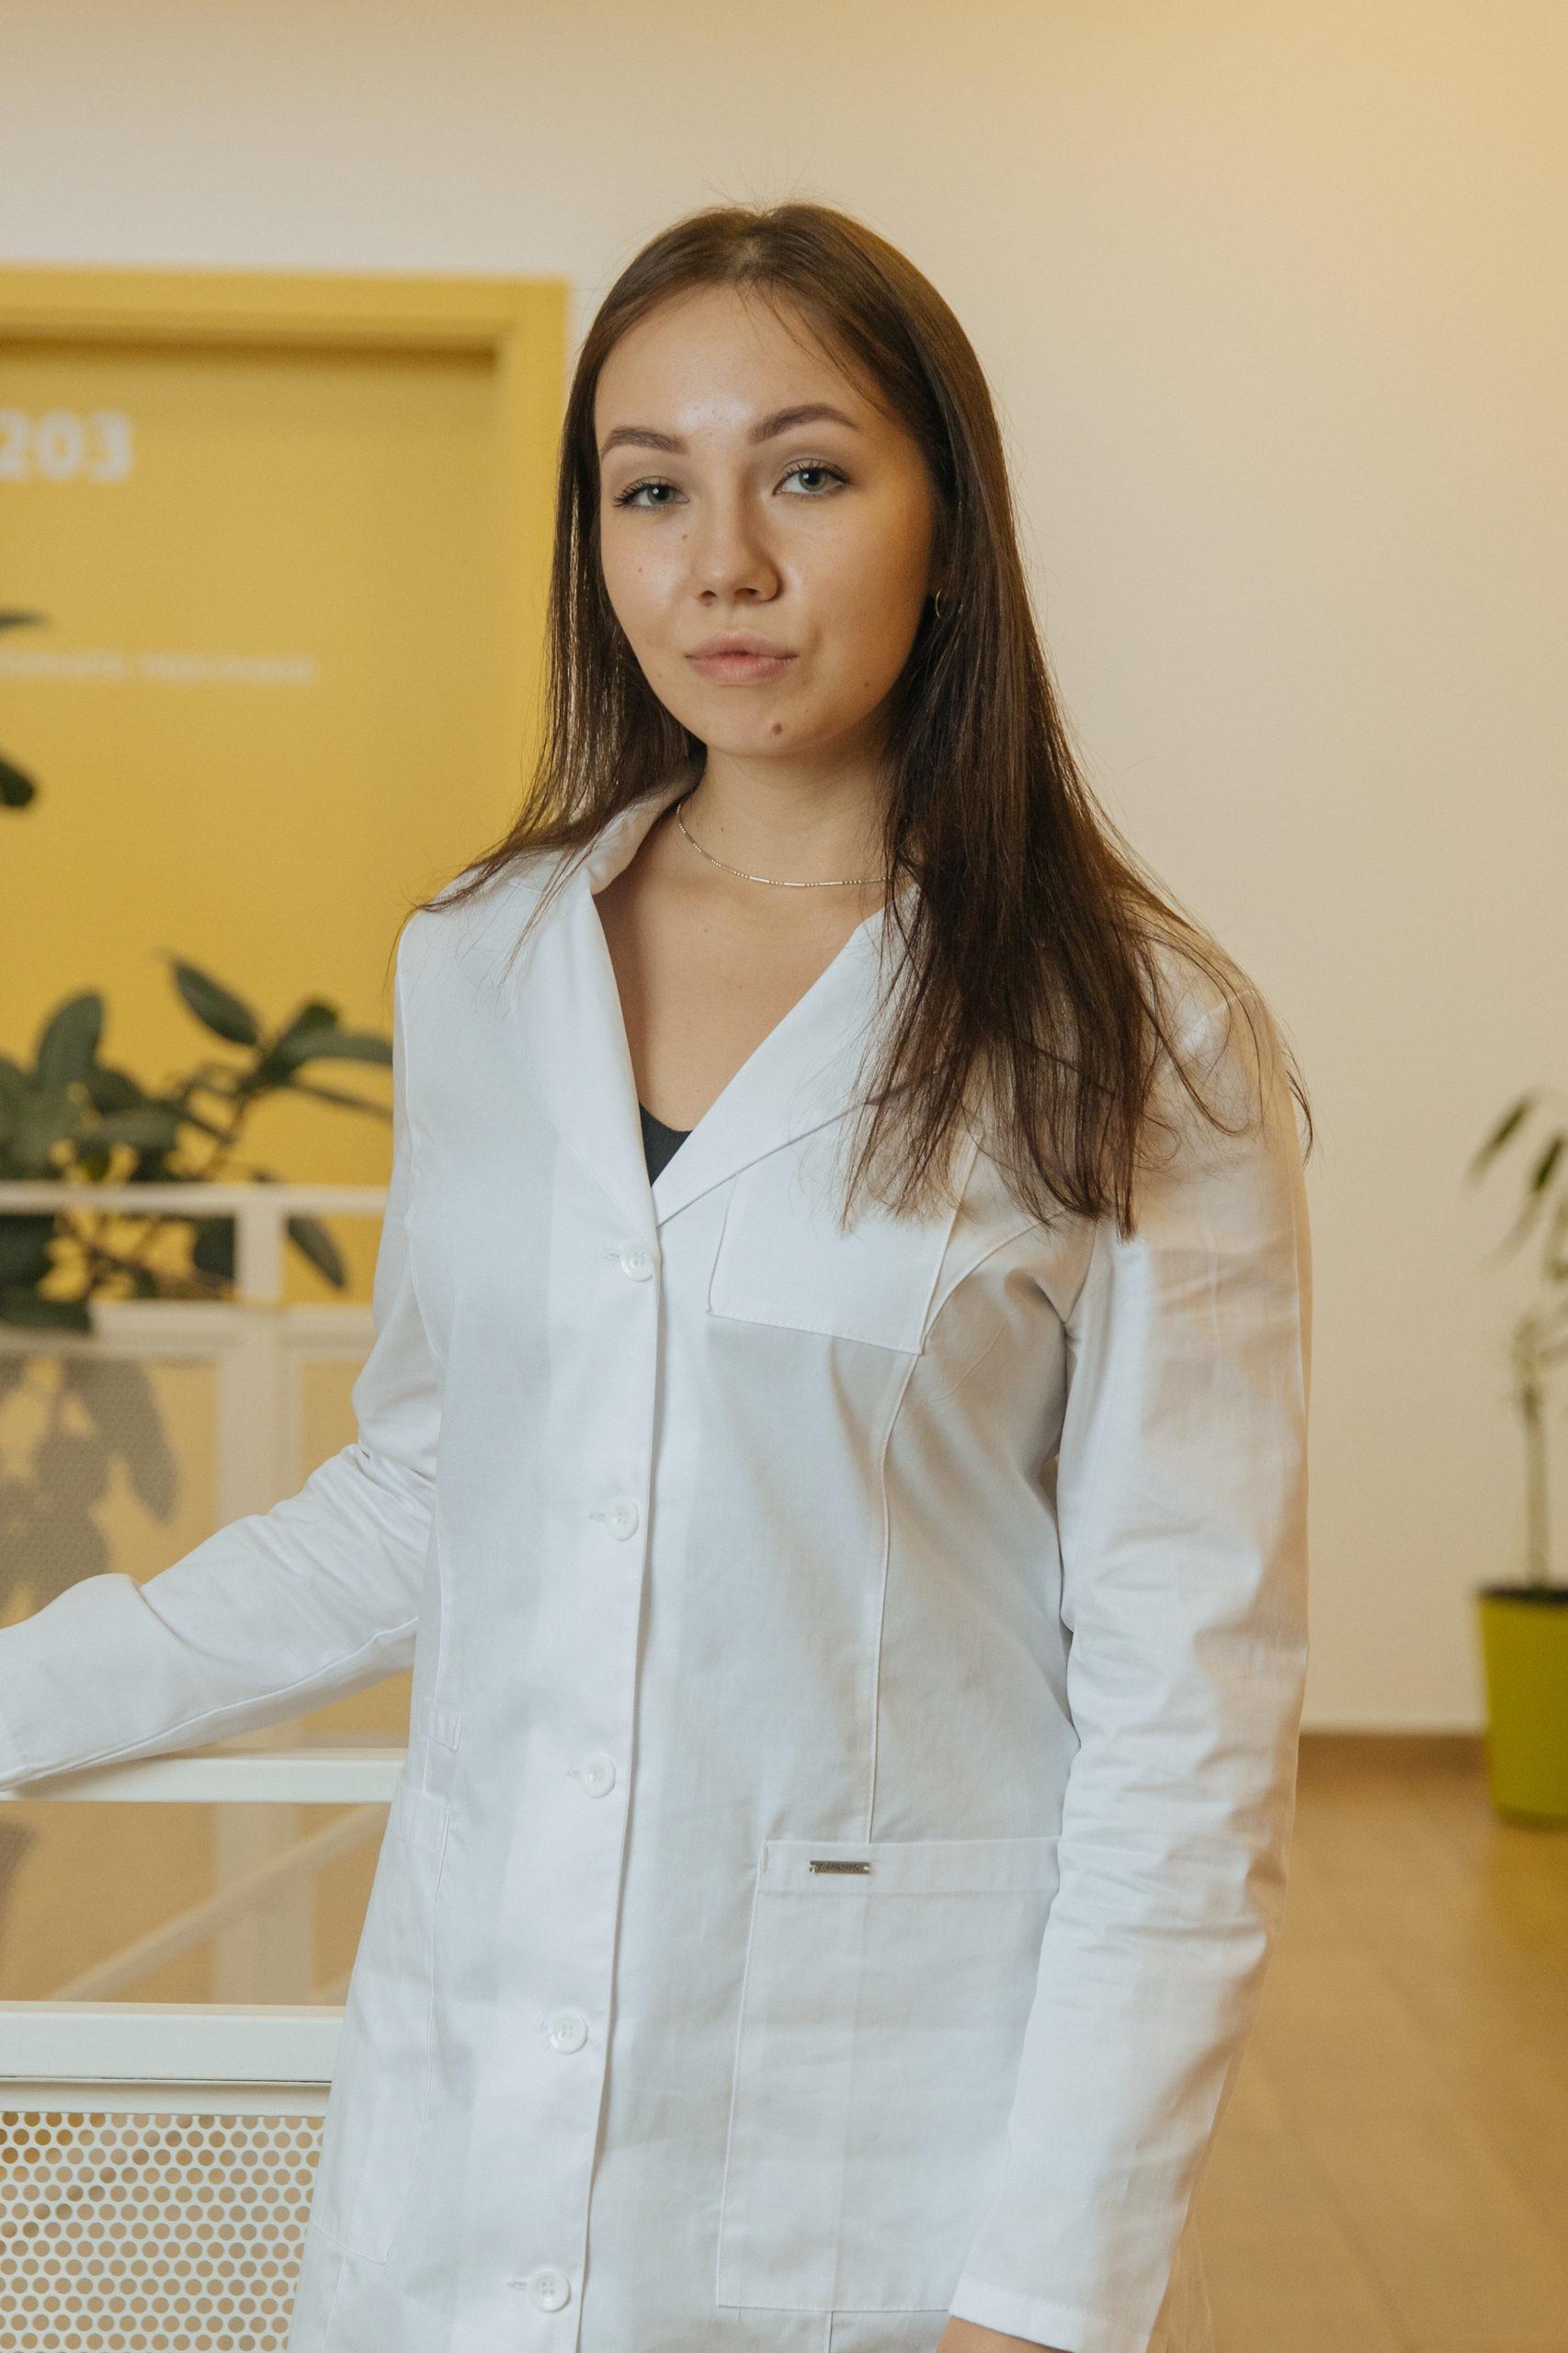 Жилякова Елена Викторовна